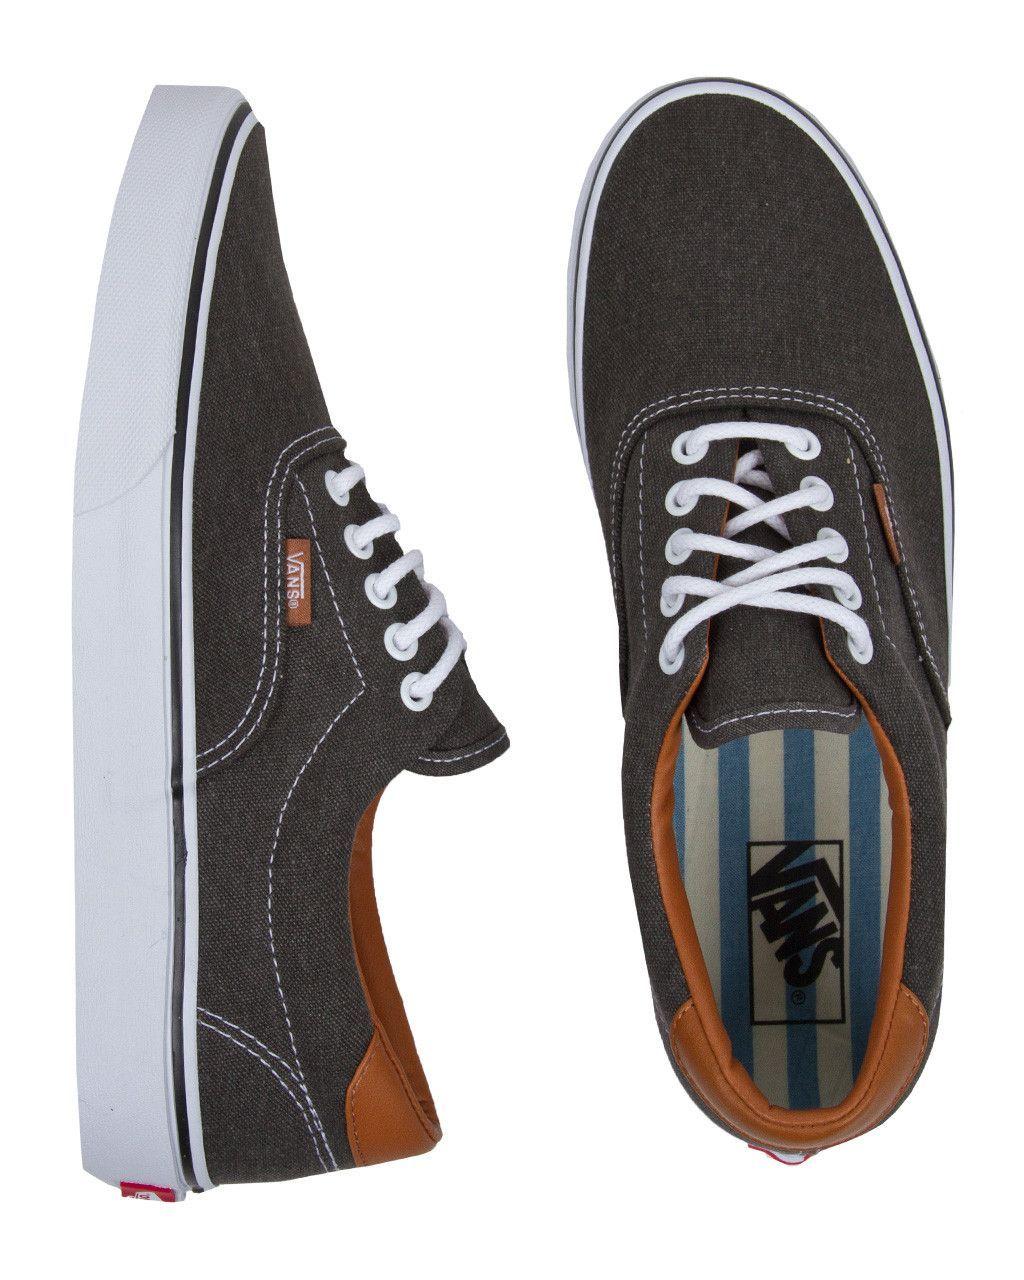 5e7b20c547 Vans Era 59 - Washed C   L in Black